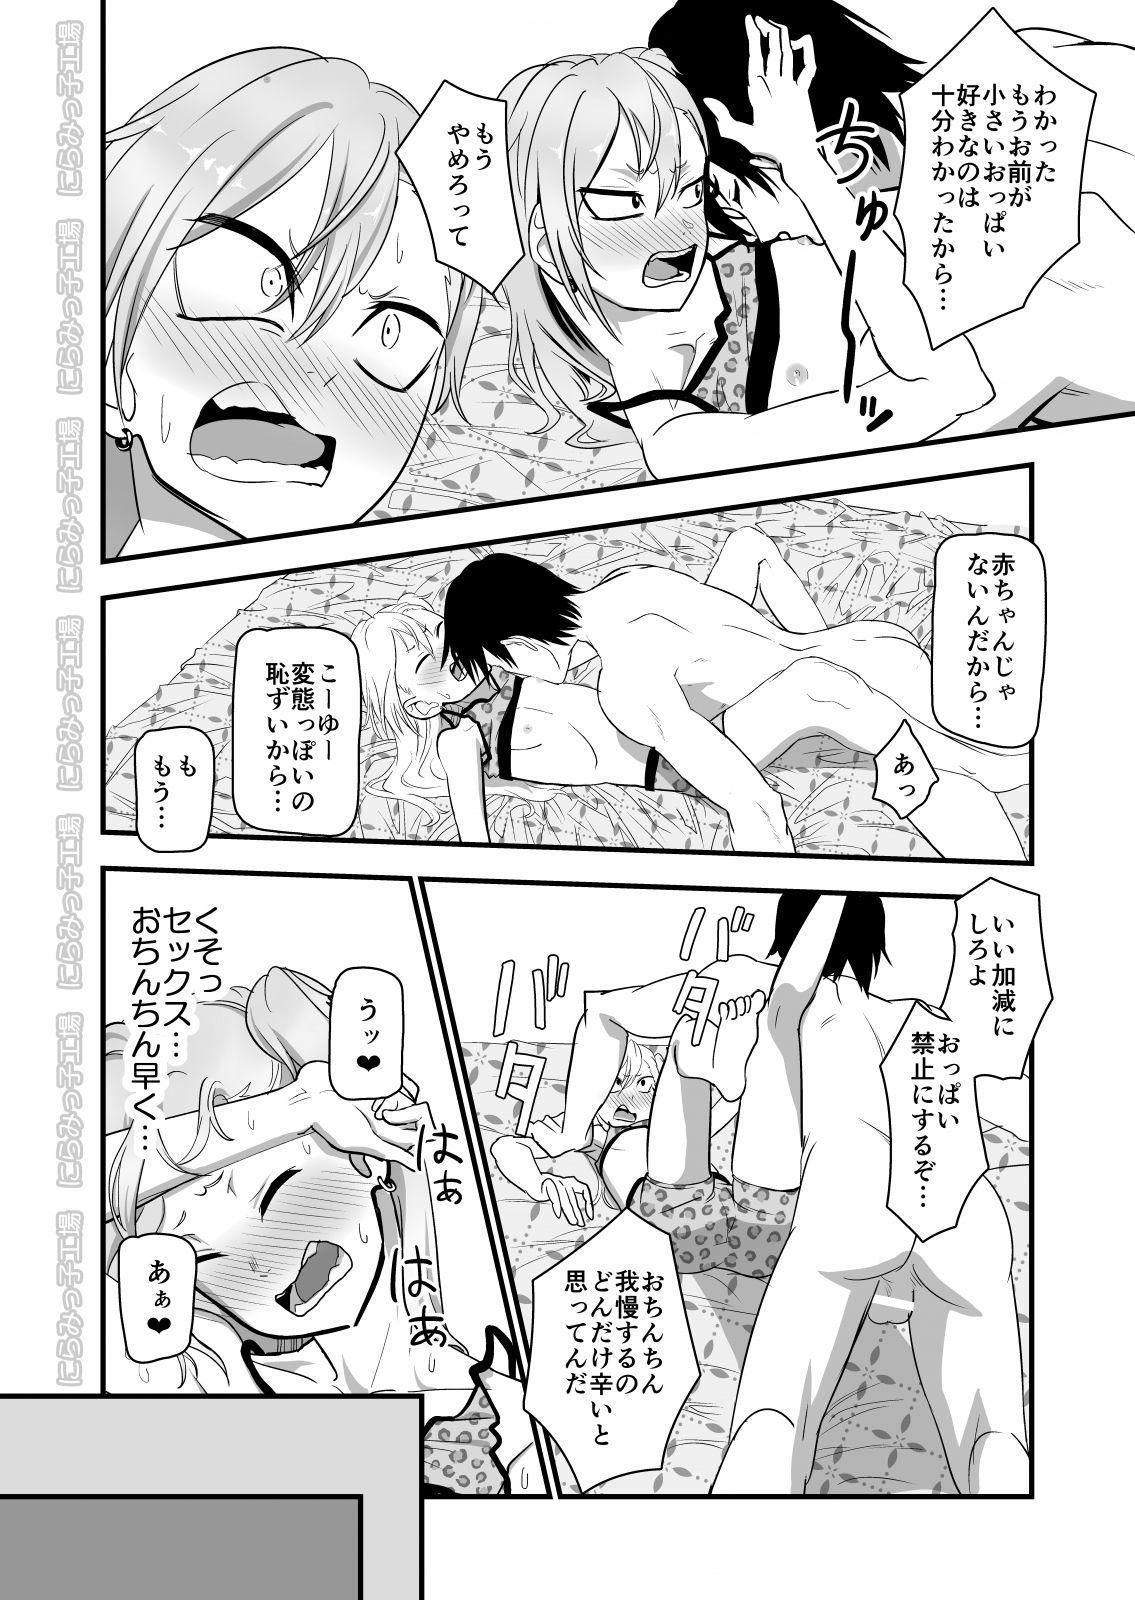 Kinpatsu Yancha-kei na Kanojo to no Kurashikata 2・Kouhen 9